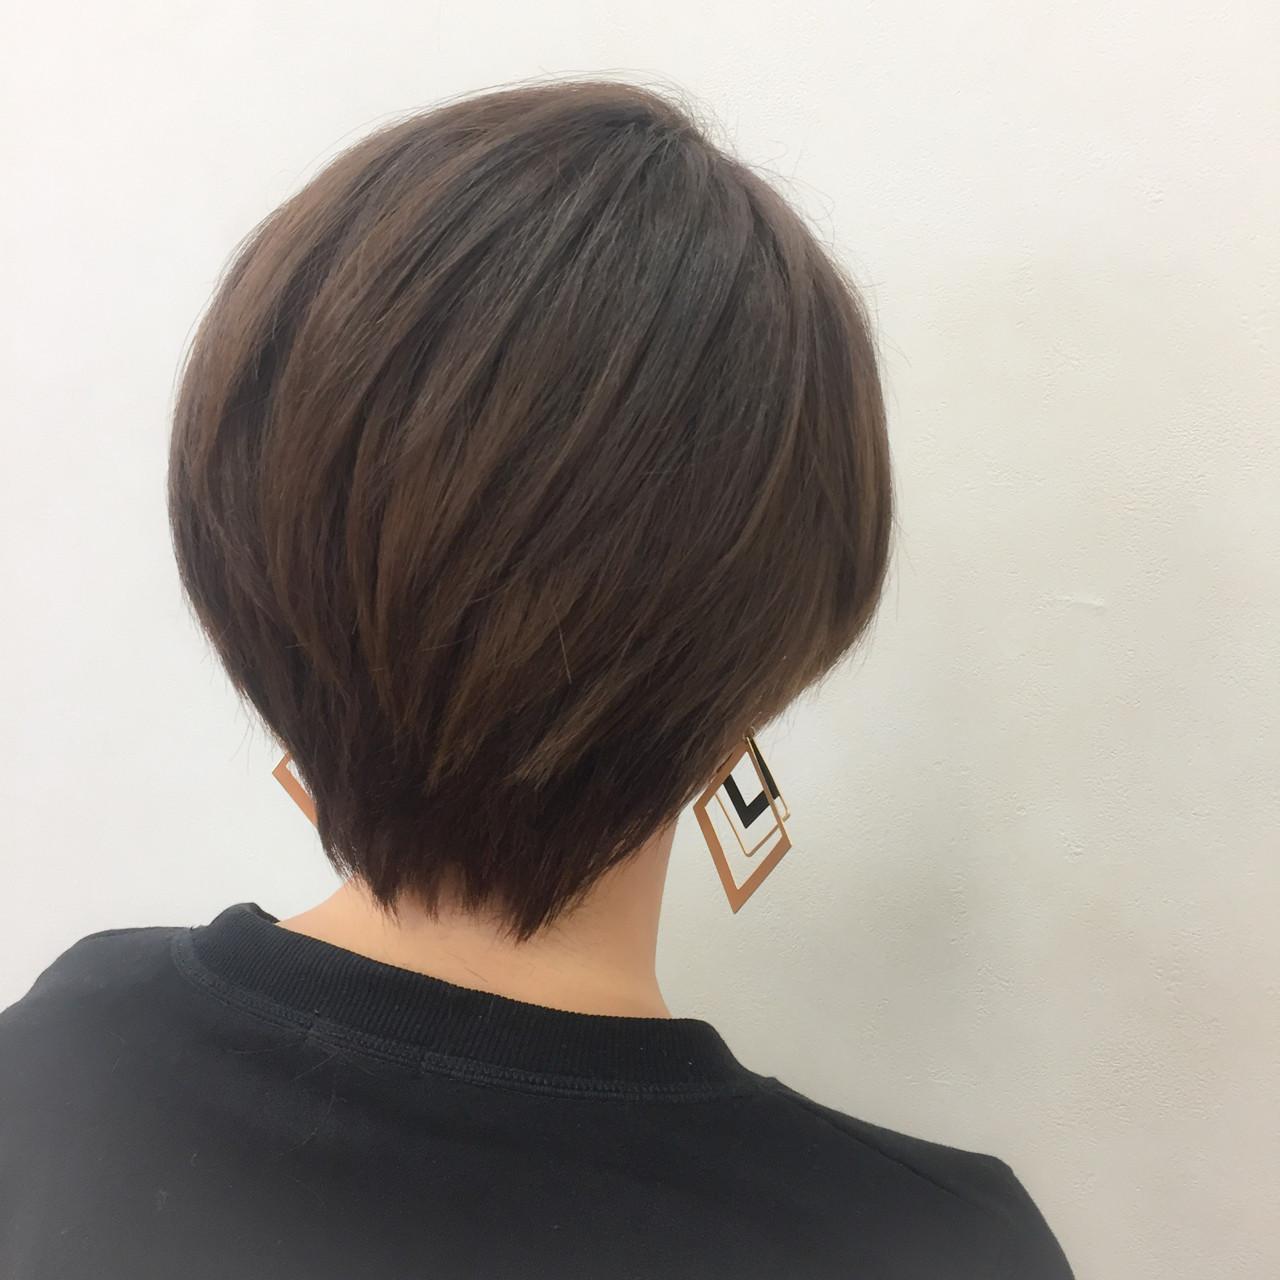 ショート ストレート 暗髪 ブラウン ヘアスタイルや髪型の写真・画像